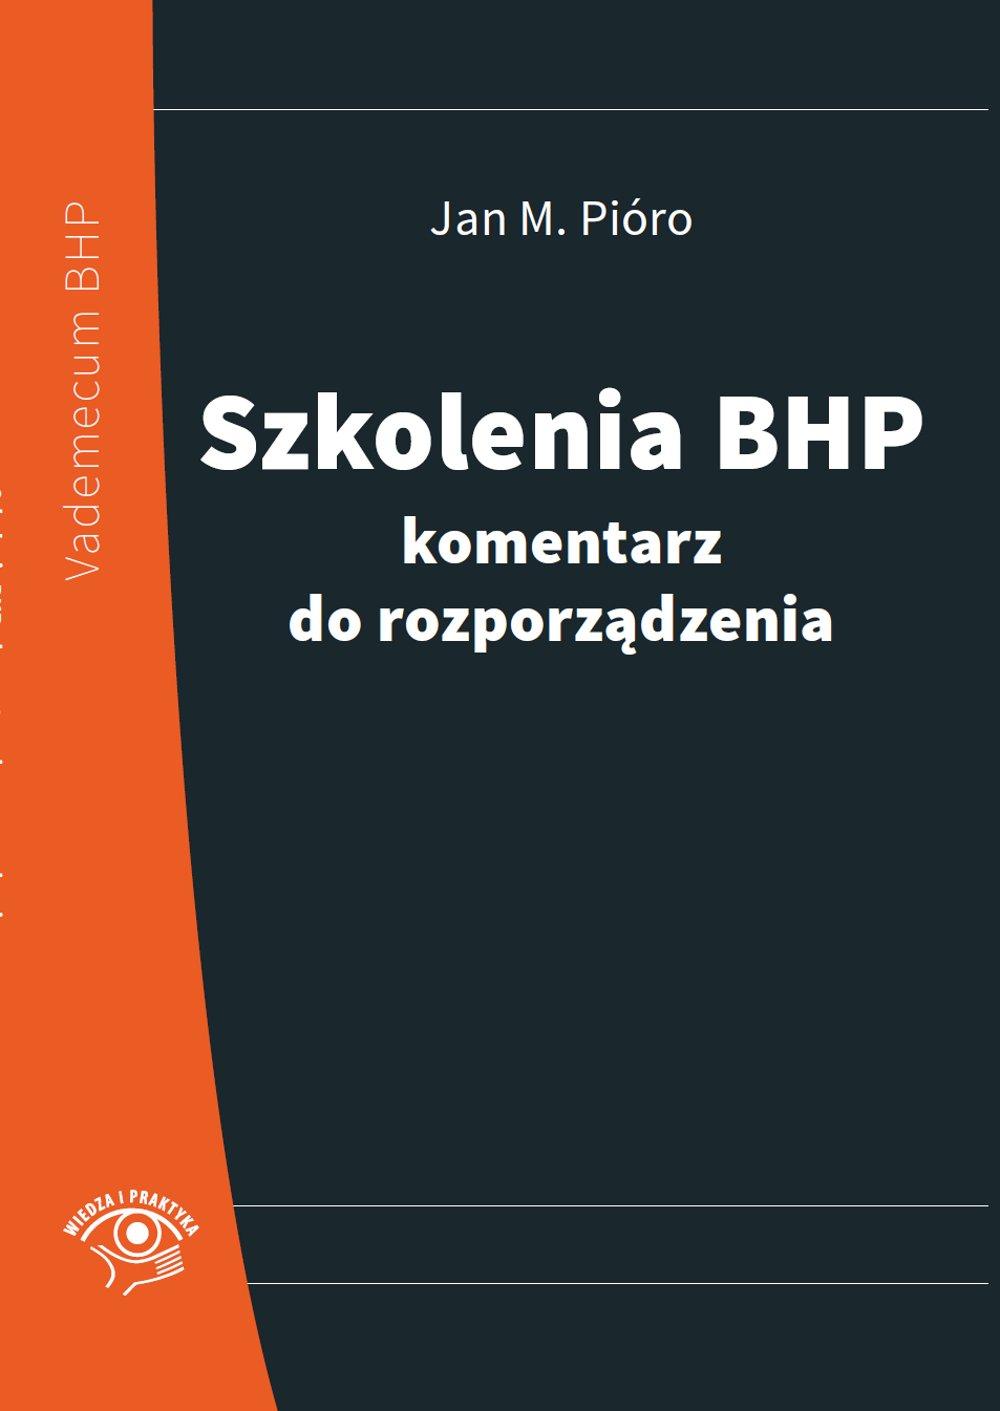 Szkolenia bhp - komentarz do rozporządzenia - Ebook (Książka na Kindle) do pobrania w formacie MOBI